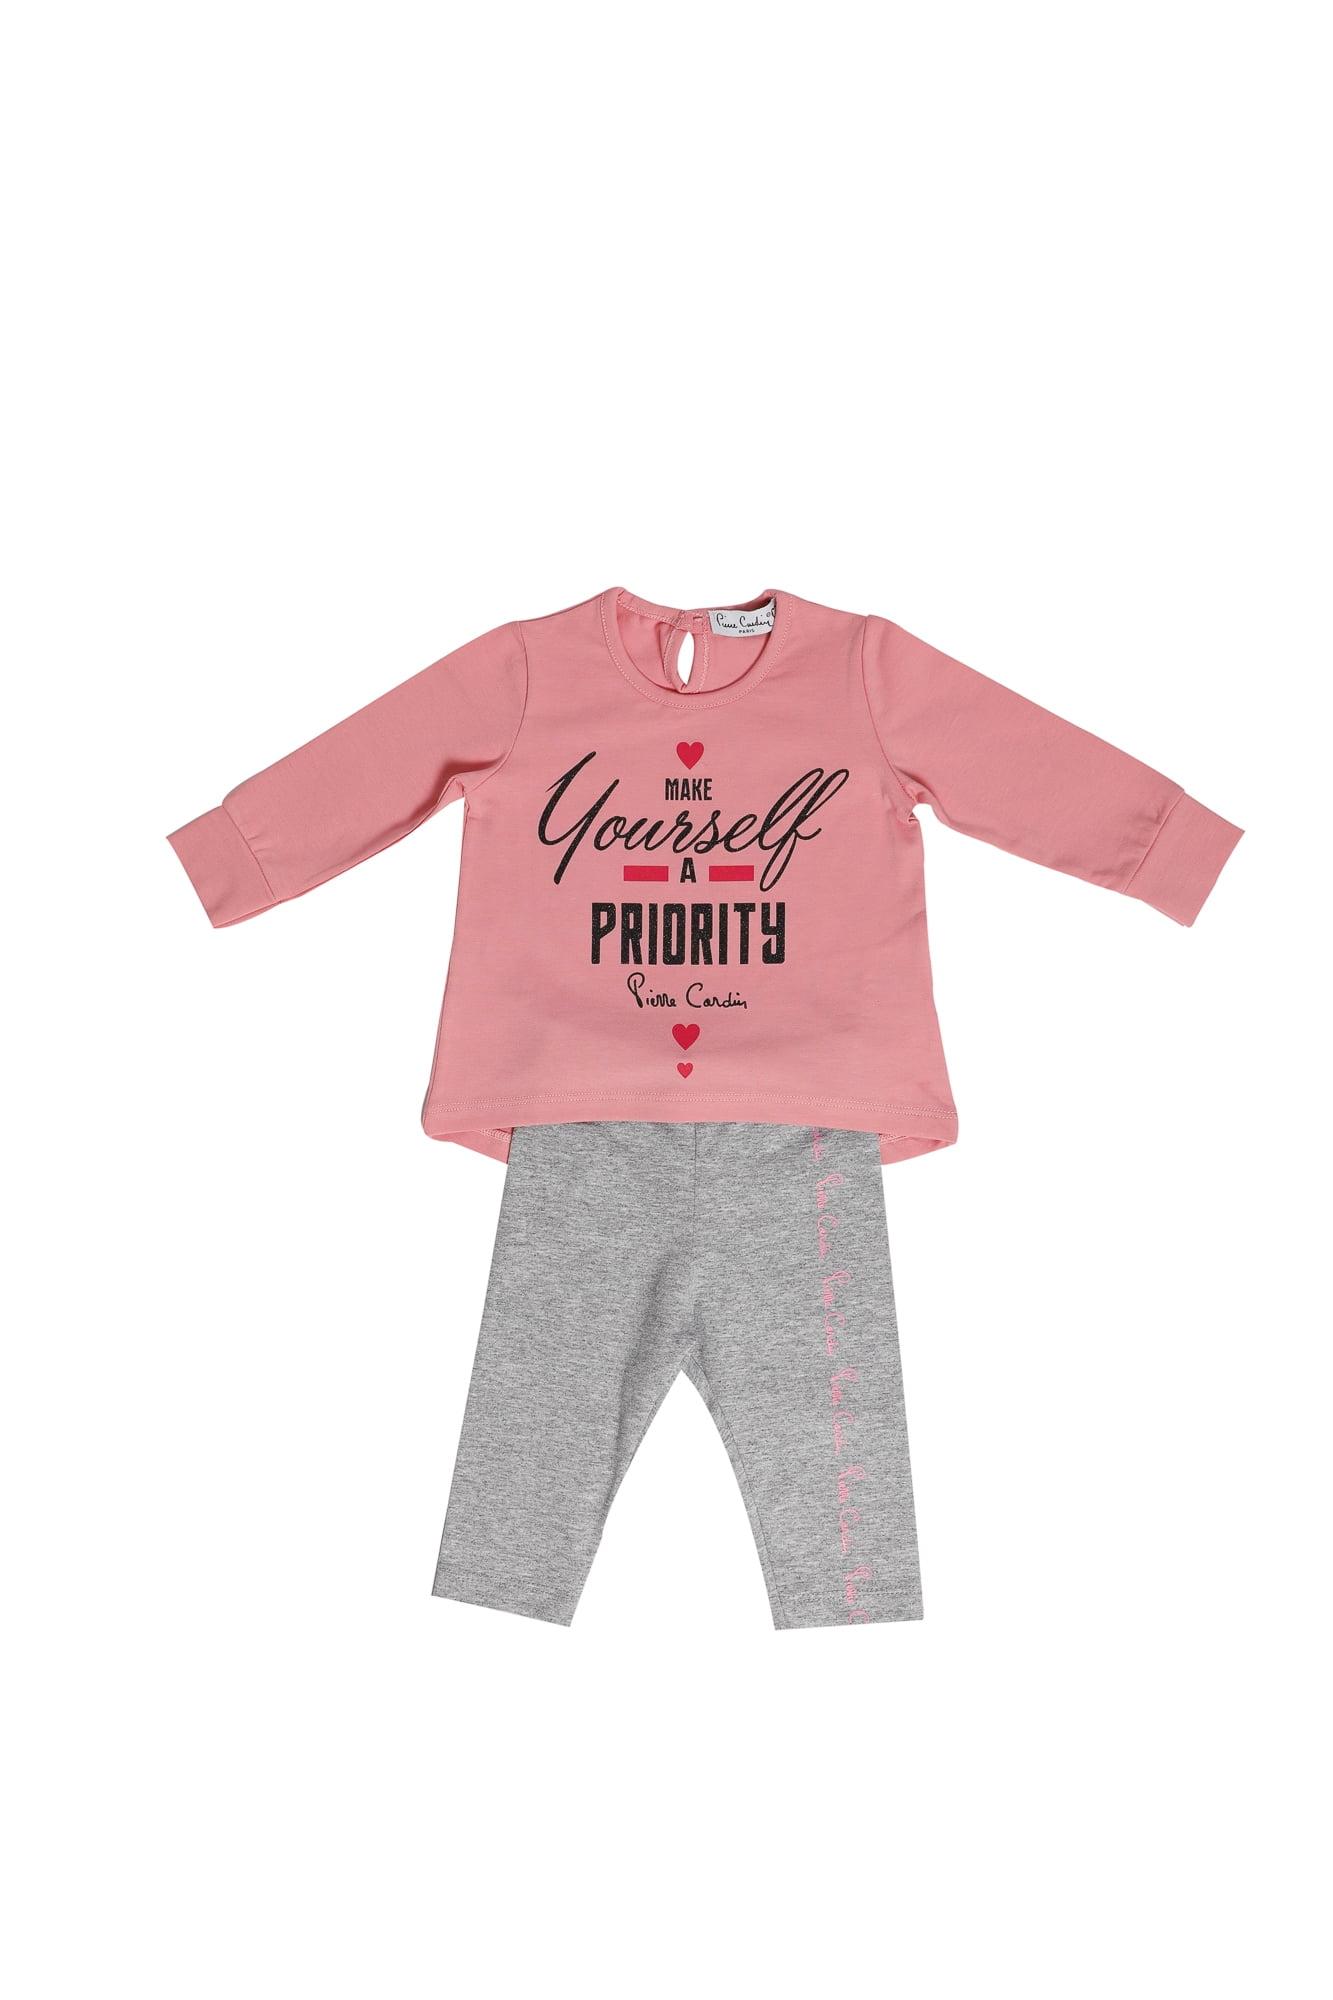 Completo neonata Pierre Cardin rosa/grigio maglietta girocollo manica lunga - Leggings grigio